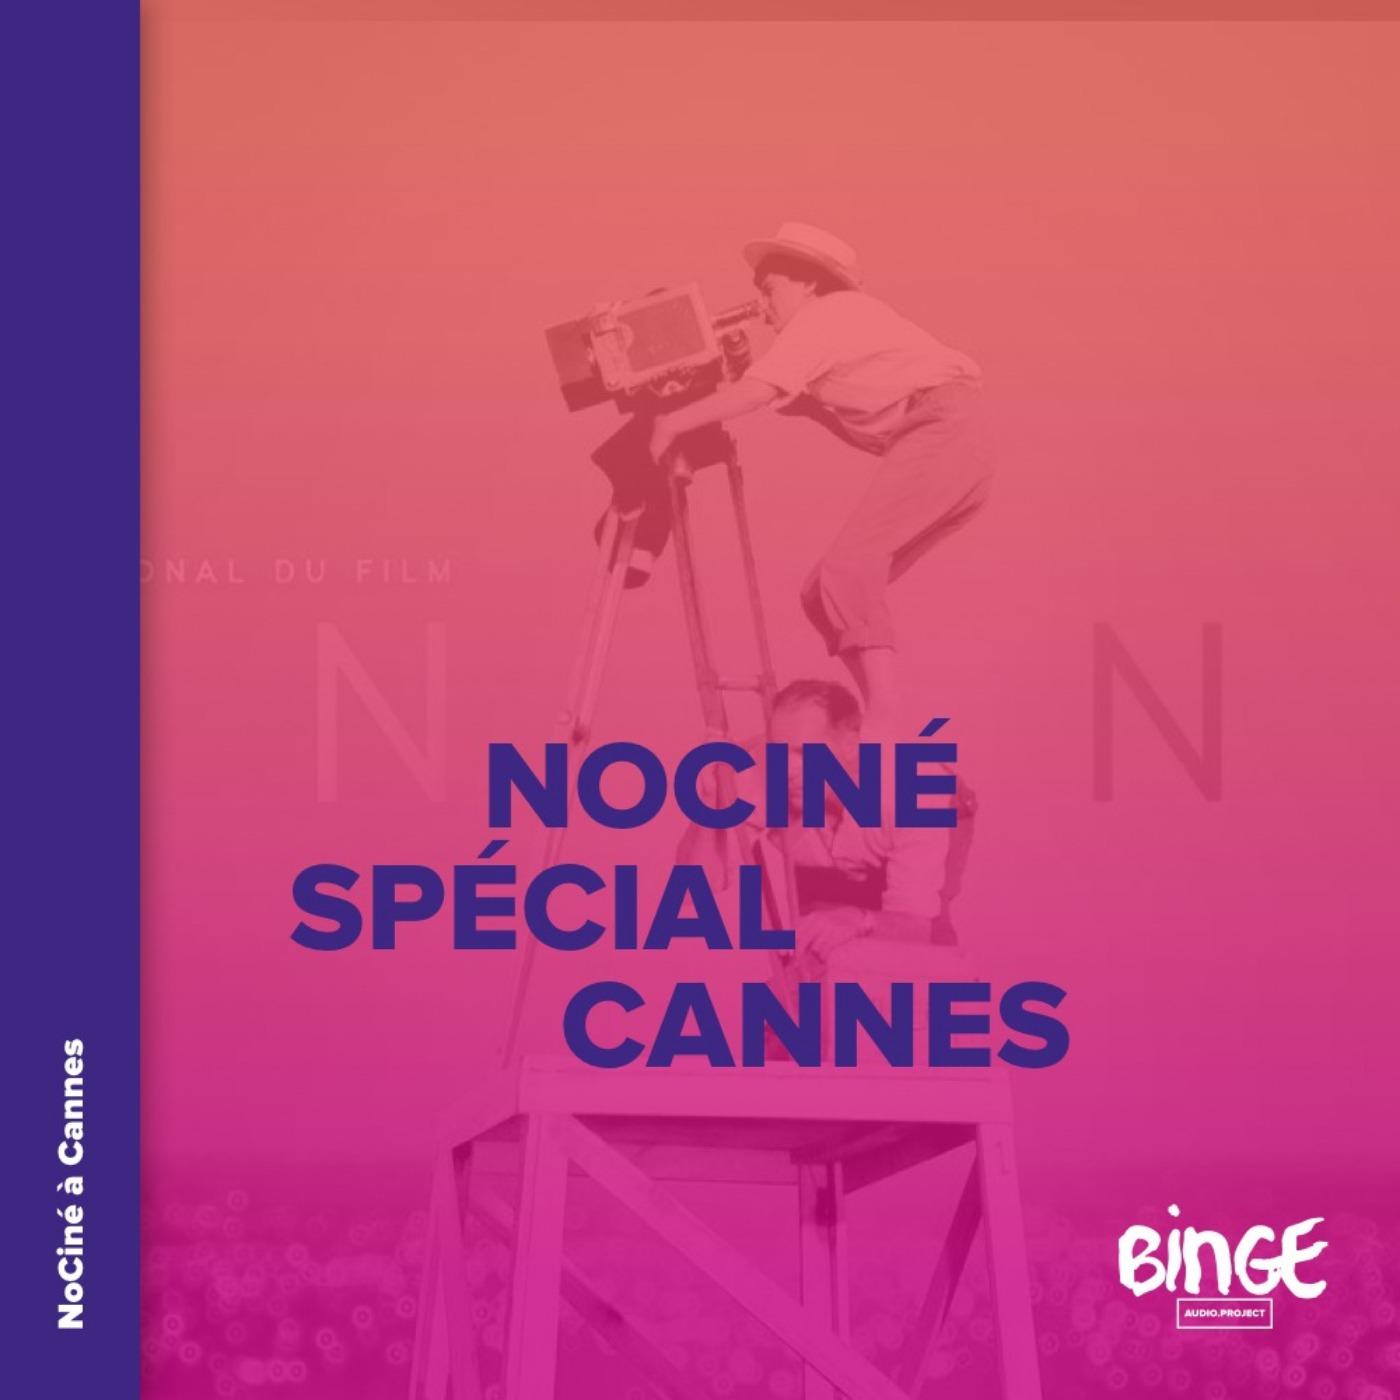 Cannes - Marché du film, l'argent ne dort jamais